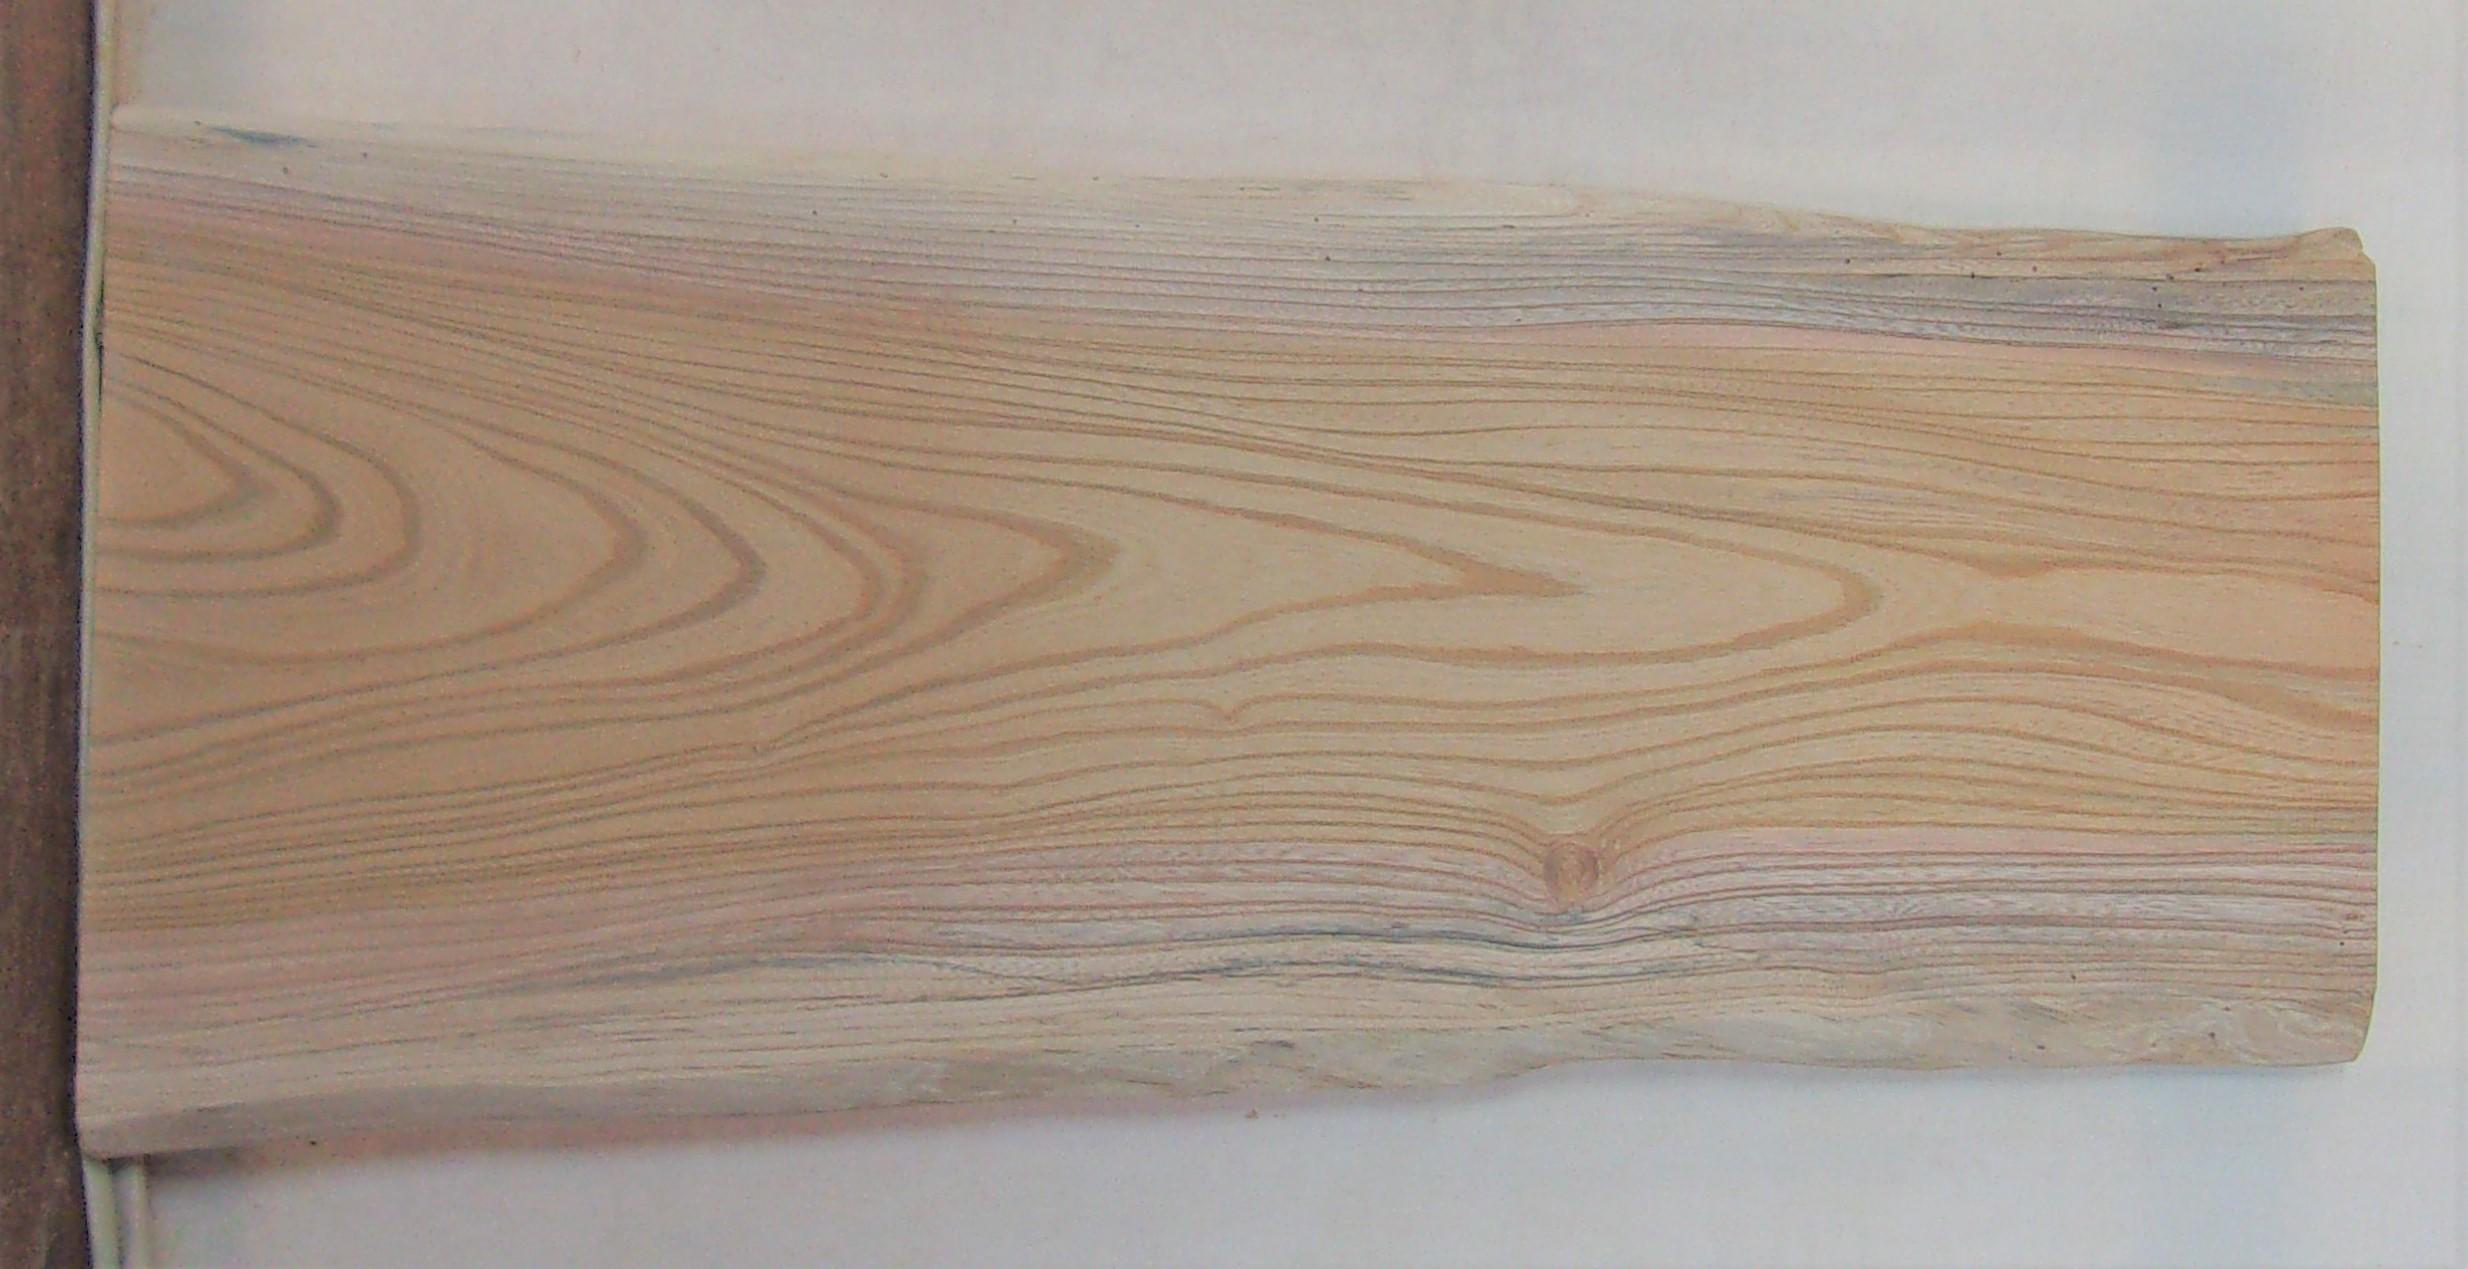 【送料・手数料無料】 山成林業 小型無垢一枚板 KD-585 ケヤキ 小型看板に最適